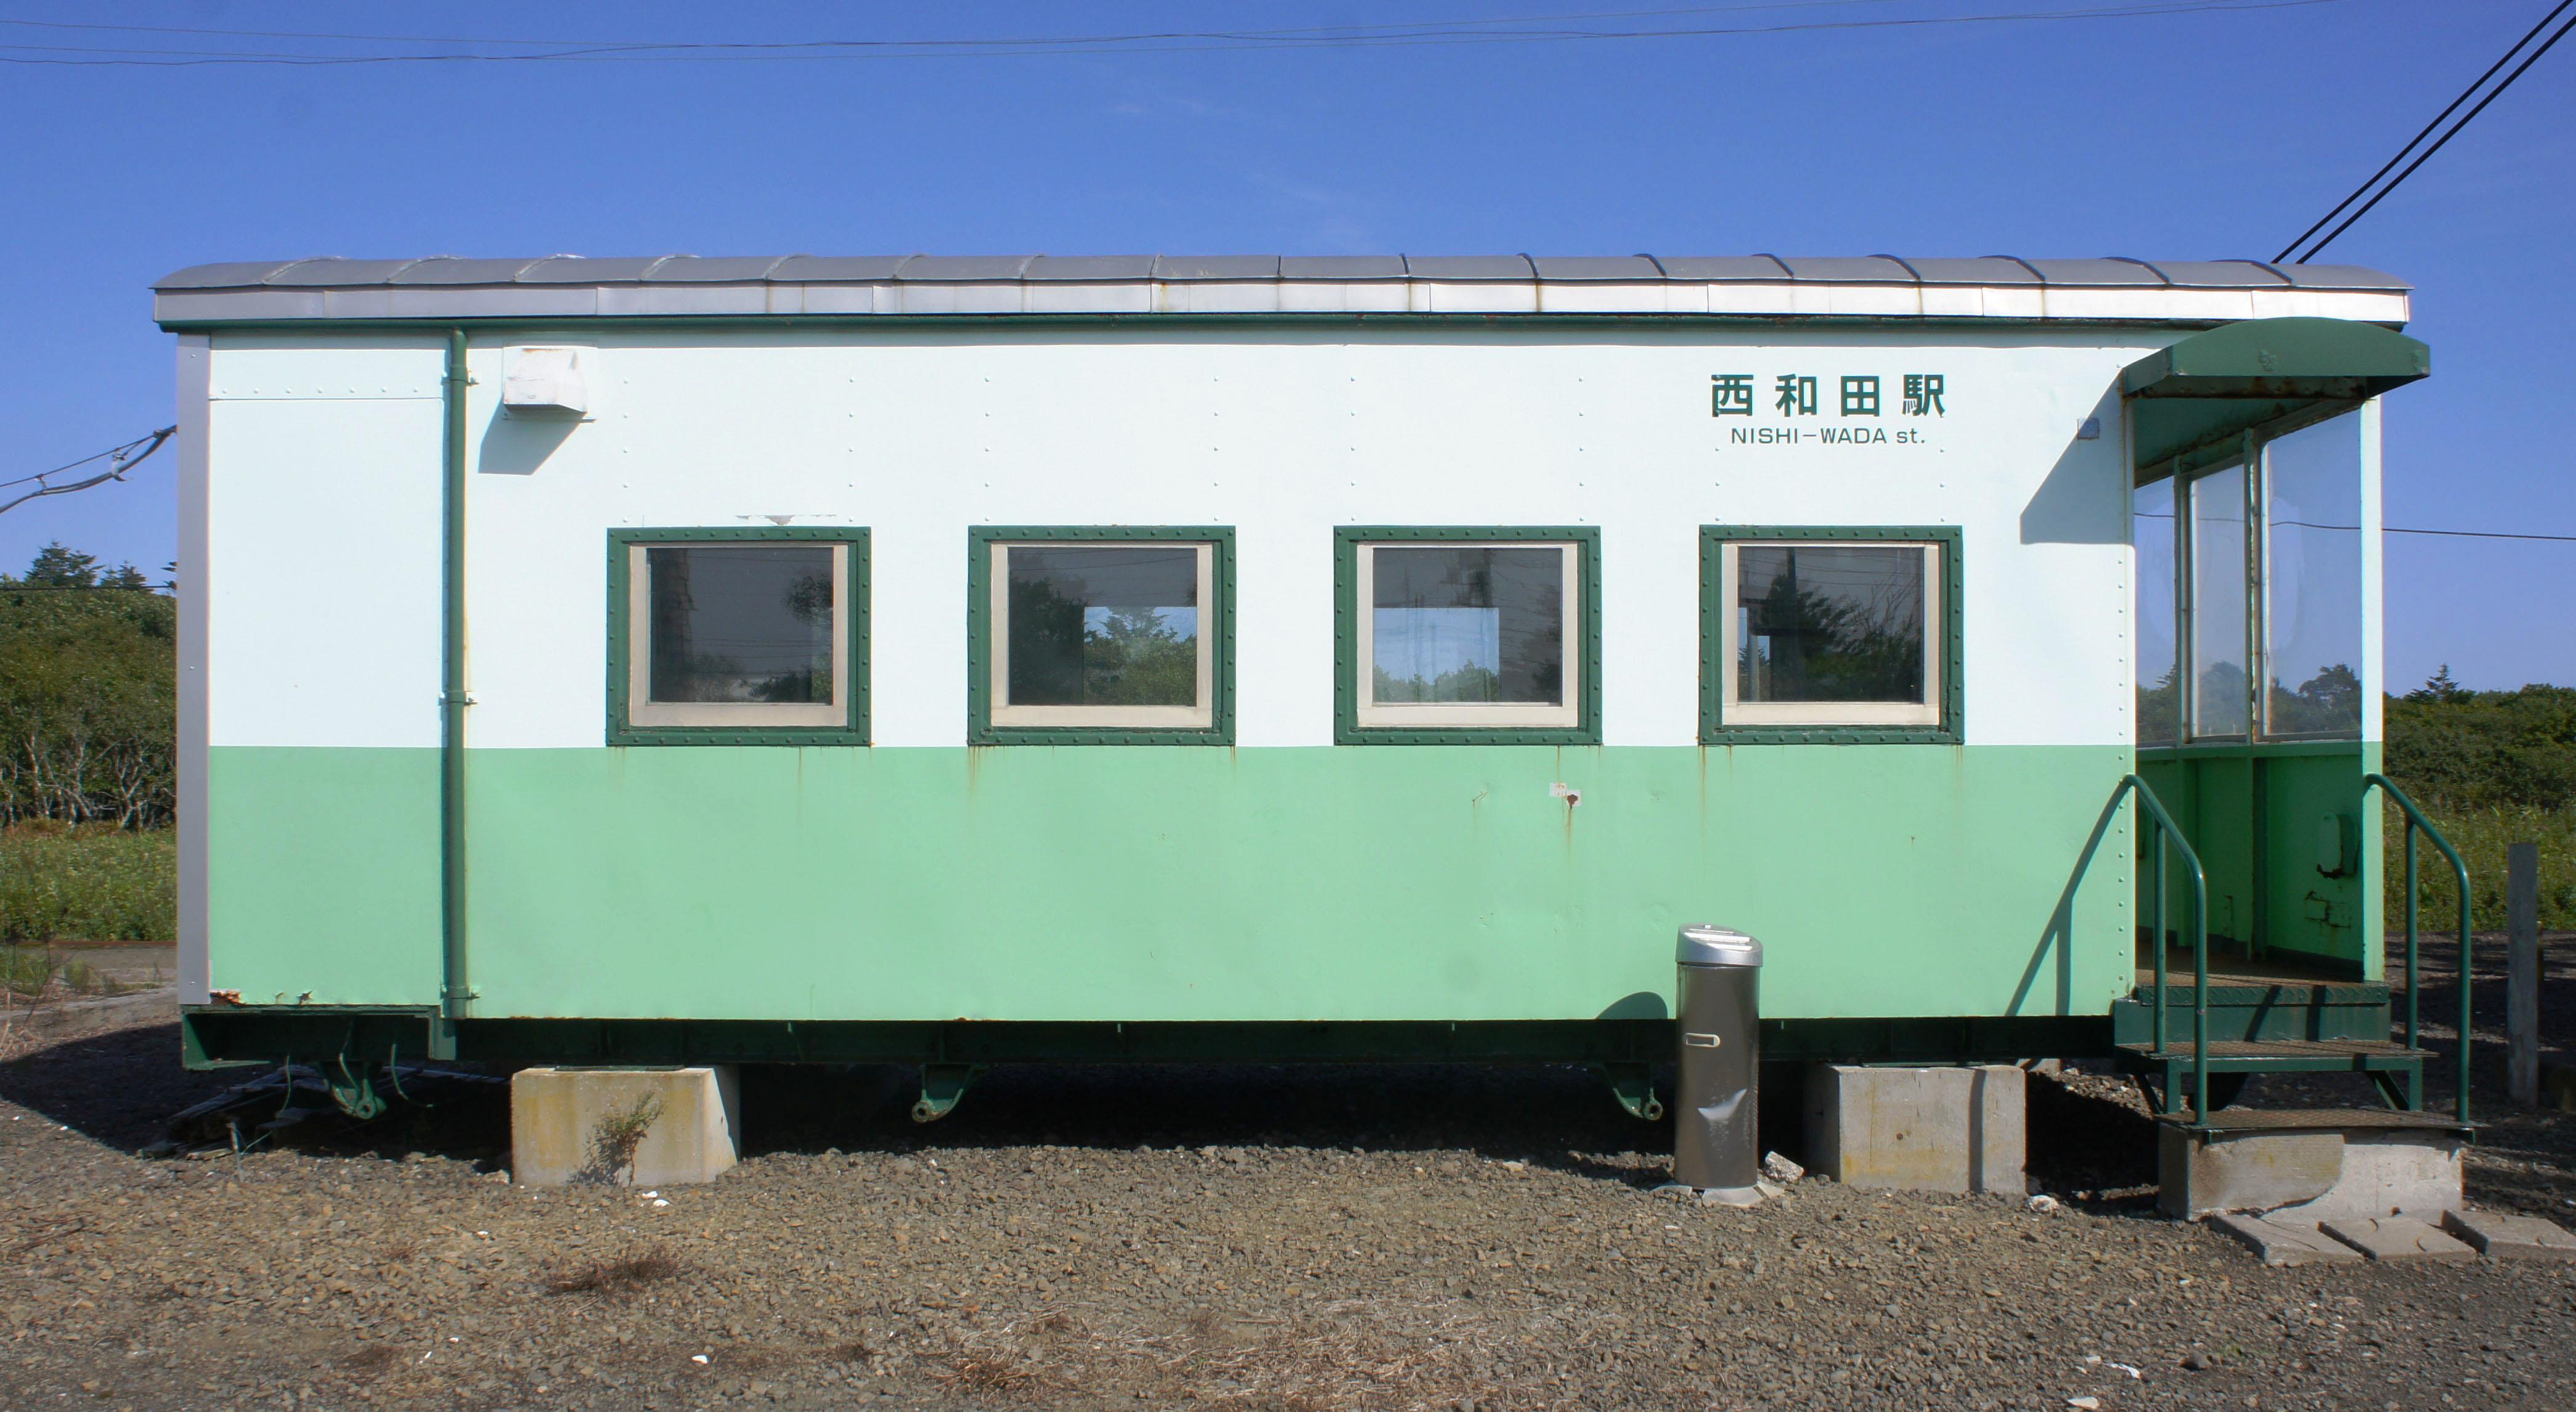 니시와다 역